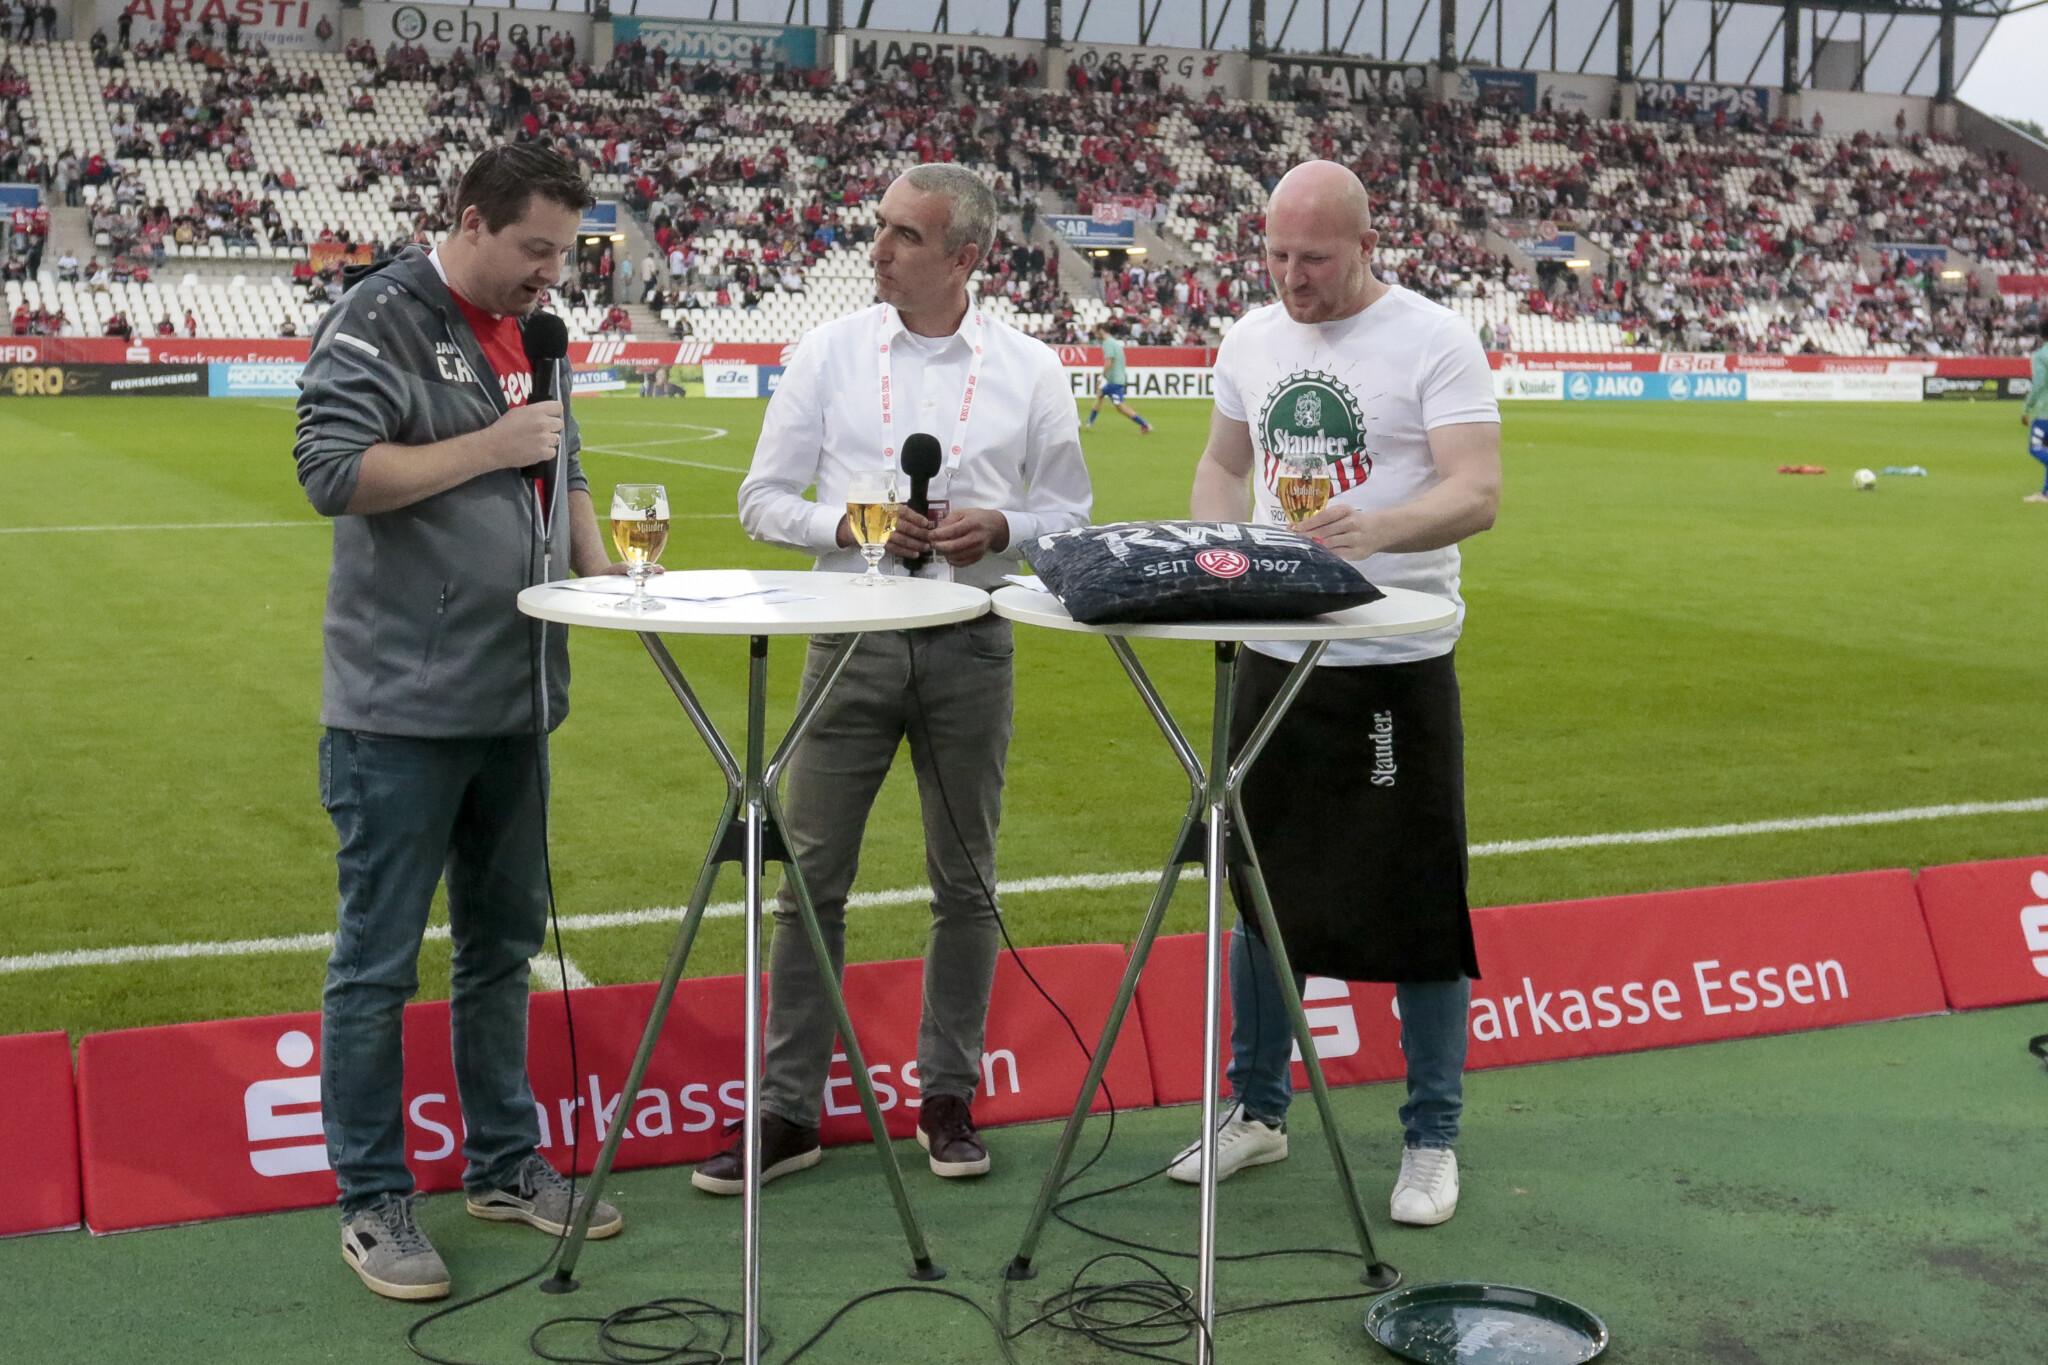 RWE-Livestream geht weiter auf Sendung – Rot-Weiss Essen